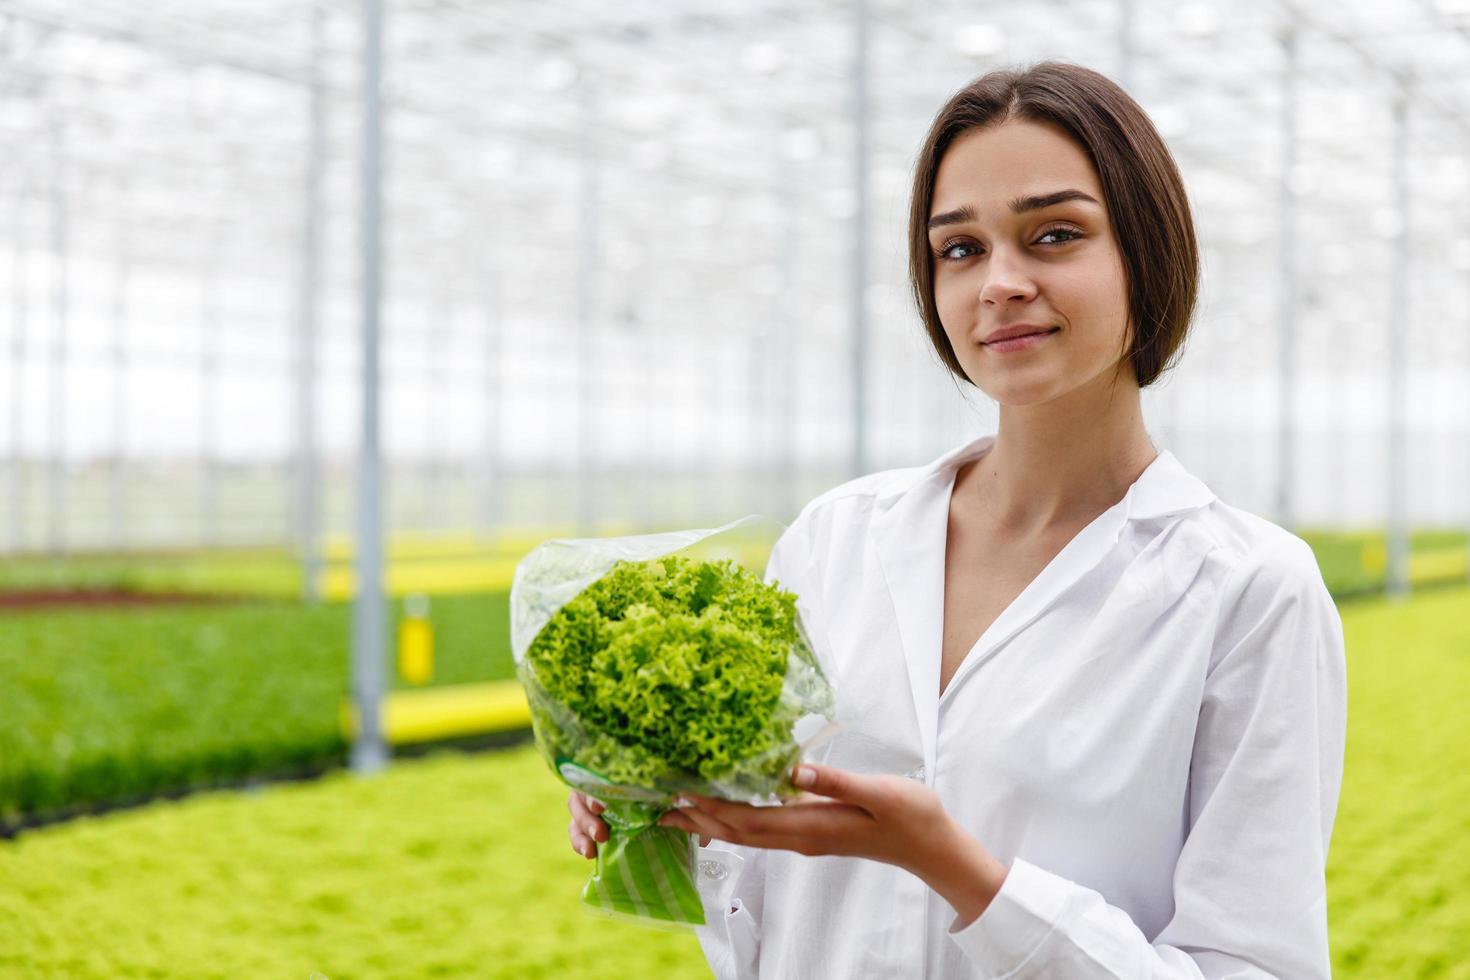 kvinnlig forskare med växt foto